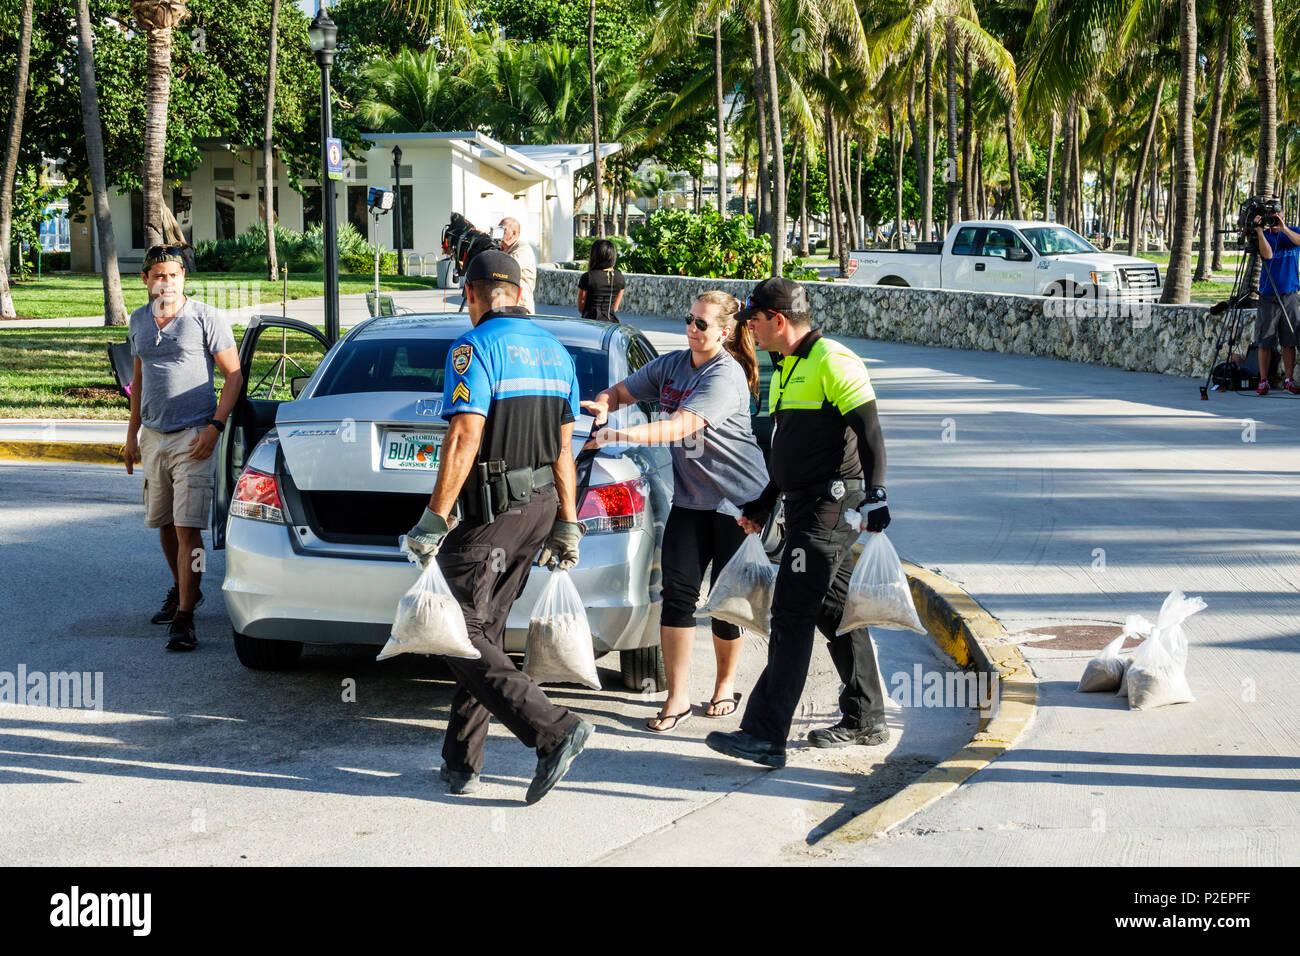 Florida Miami Beach kostenlos Sandsäcke Hurrikan Irma Vorbereitung Park Rangers freiwillige Durchführung Sandsäcke sand Hochwasserschutz Bewohner Hispanic Mann Frau Kofferraum Stockbild